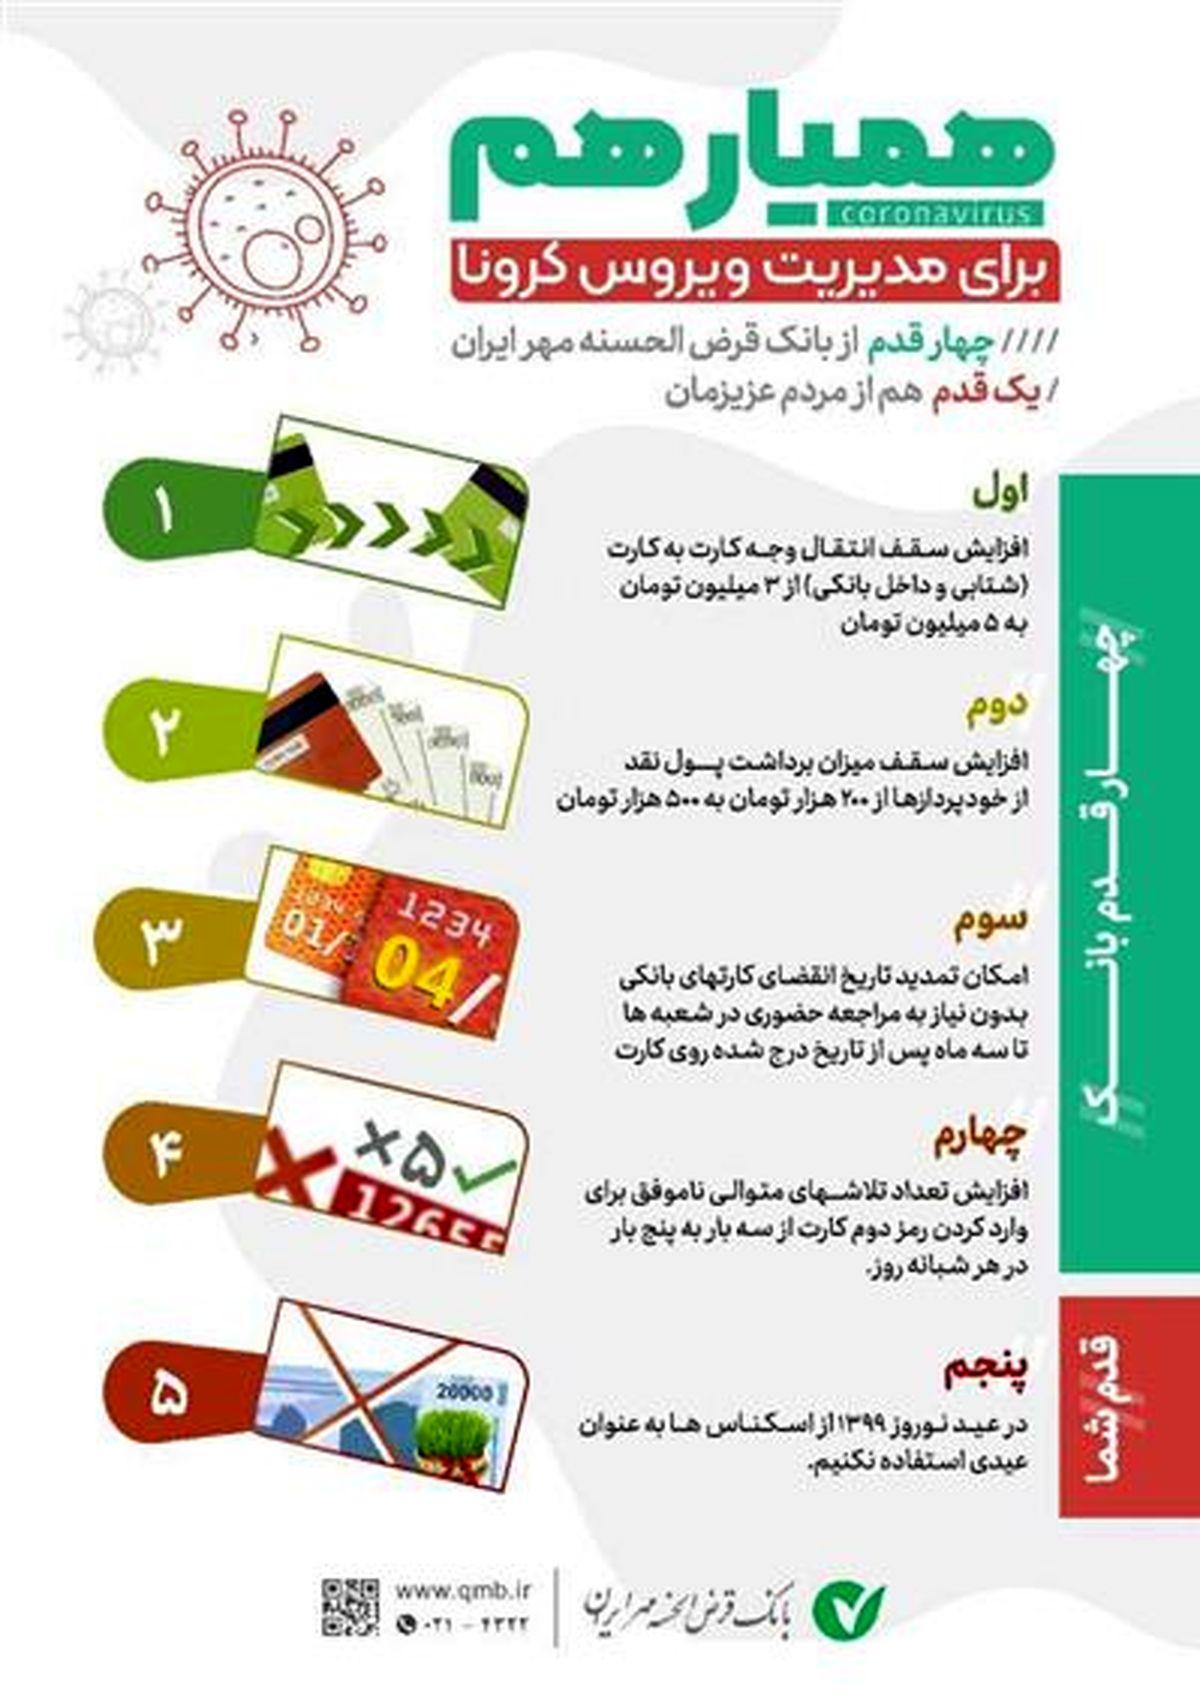 استفاده از همراه بانک مهر ایران راهی برای کاهش ترددهای بانکی